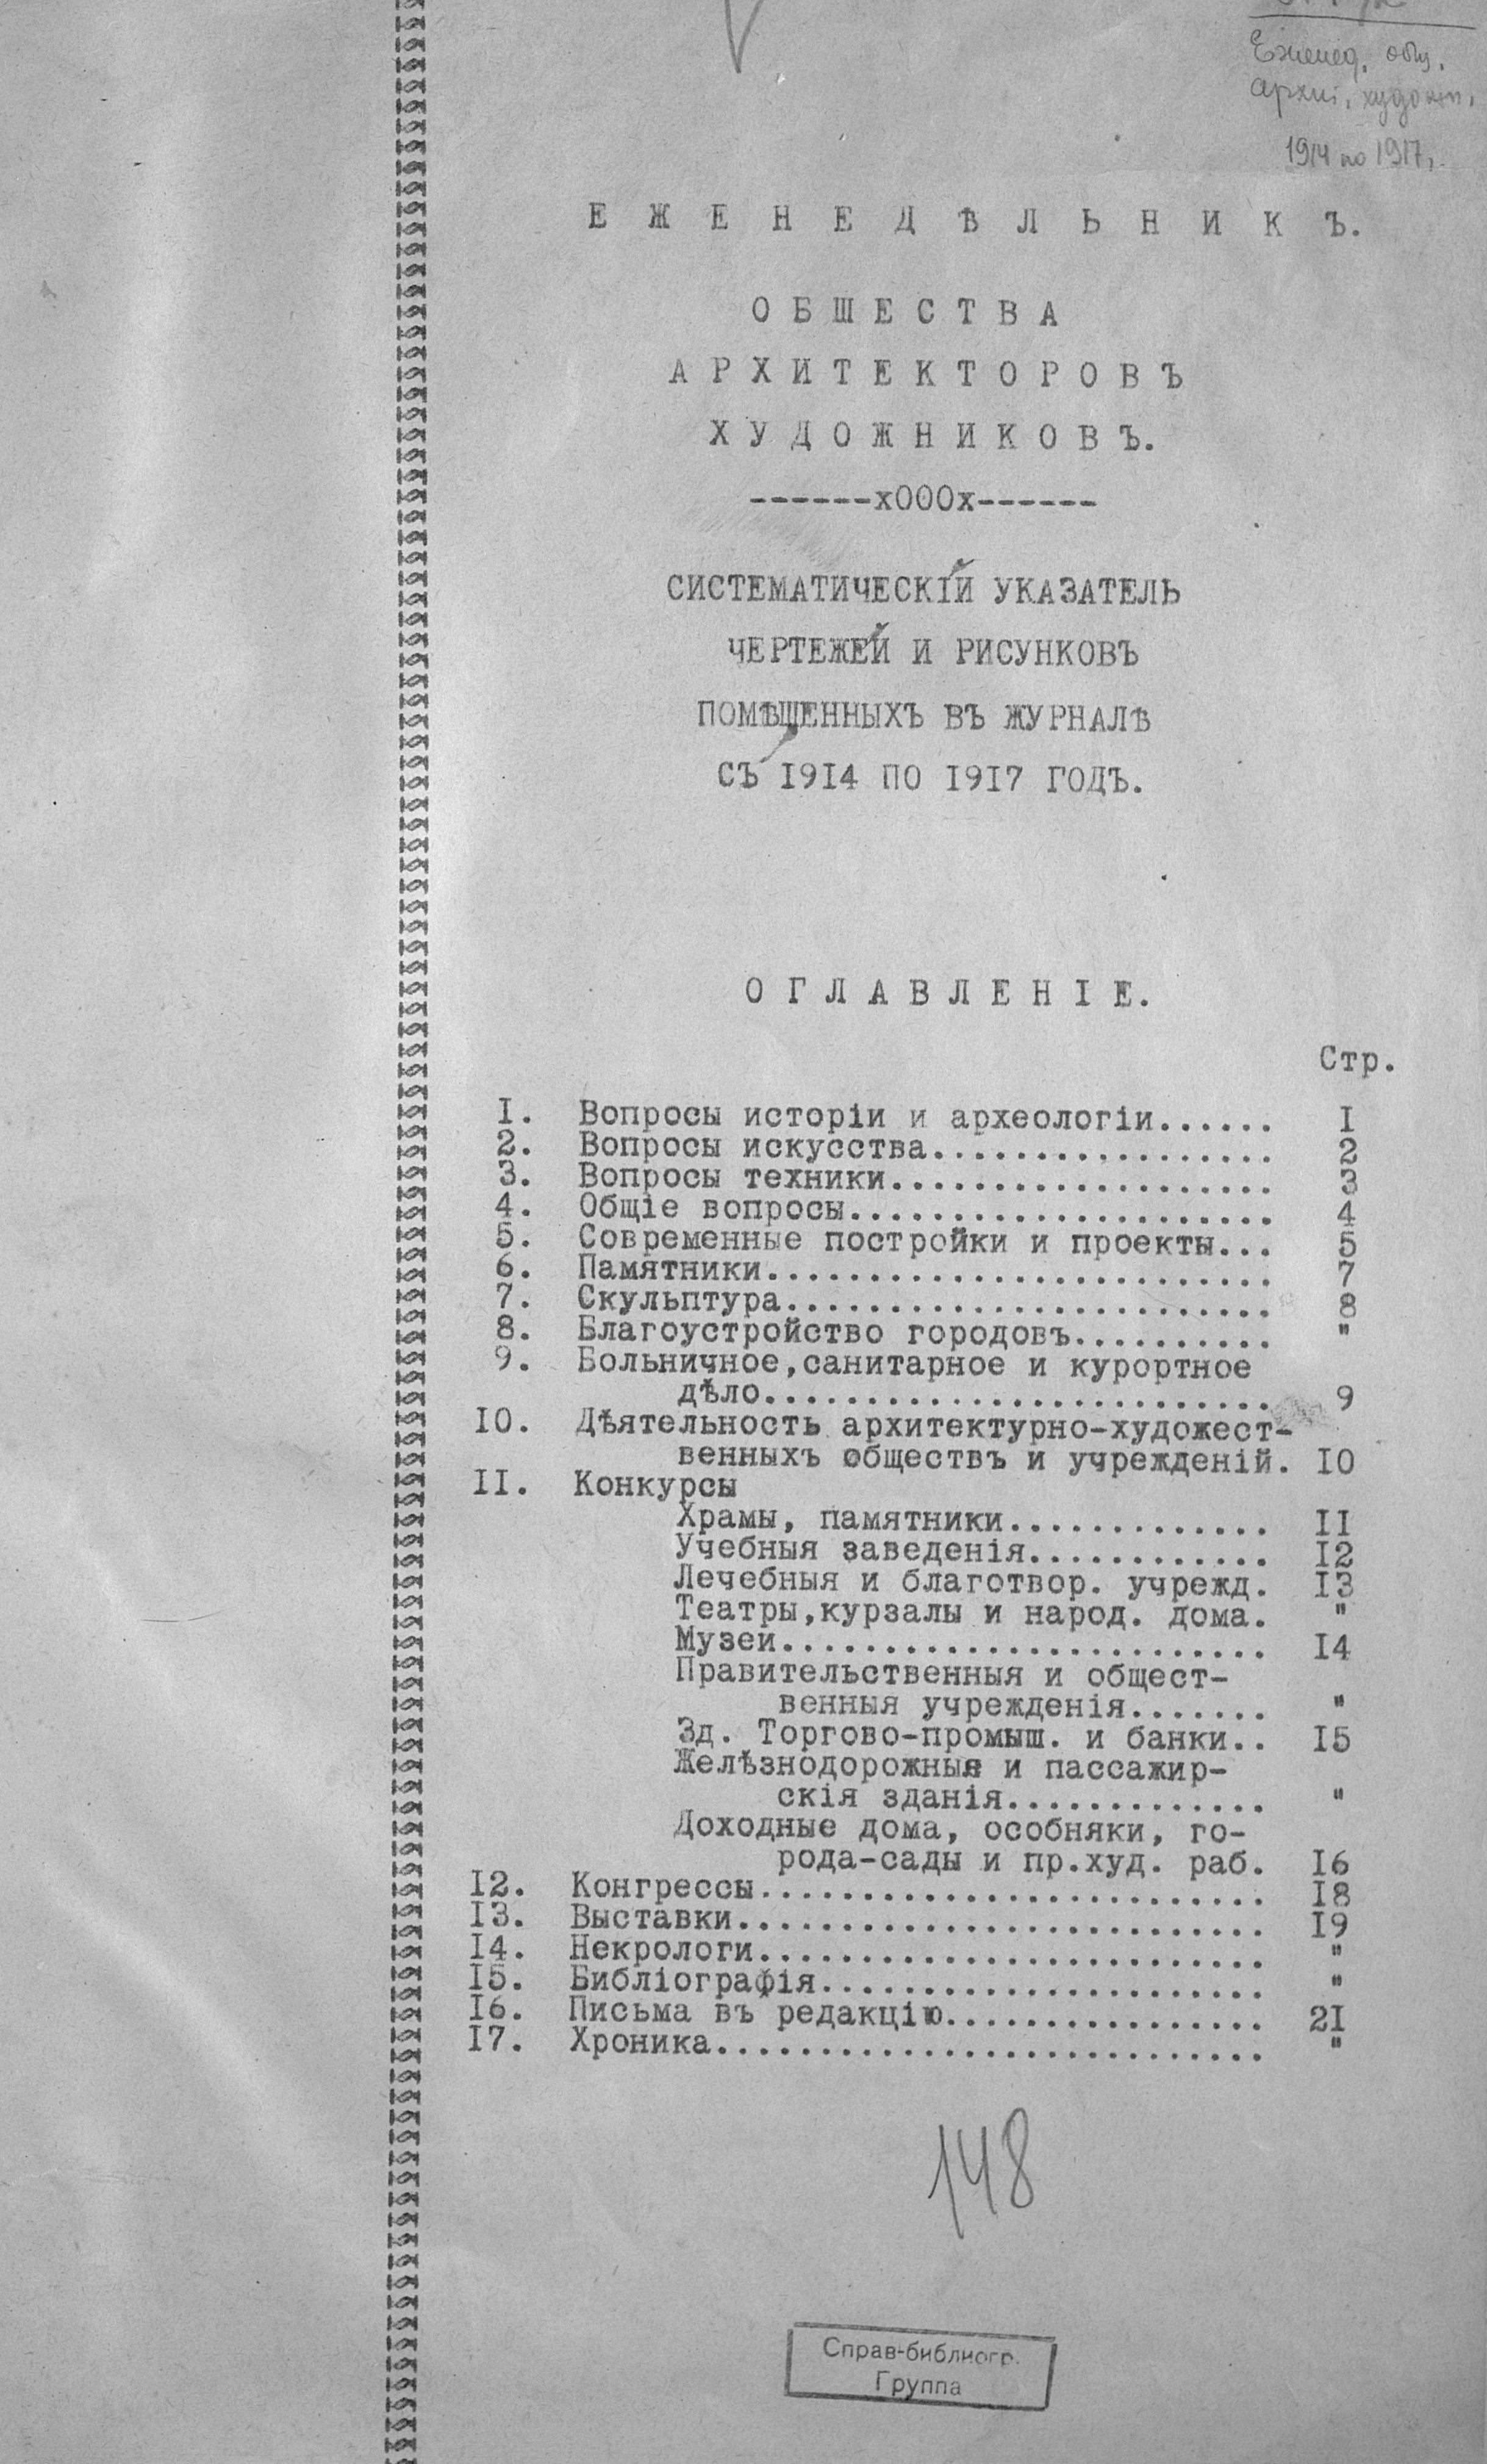 Еженедельник Общества архитекторов-художников